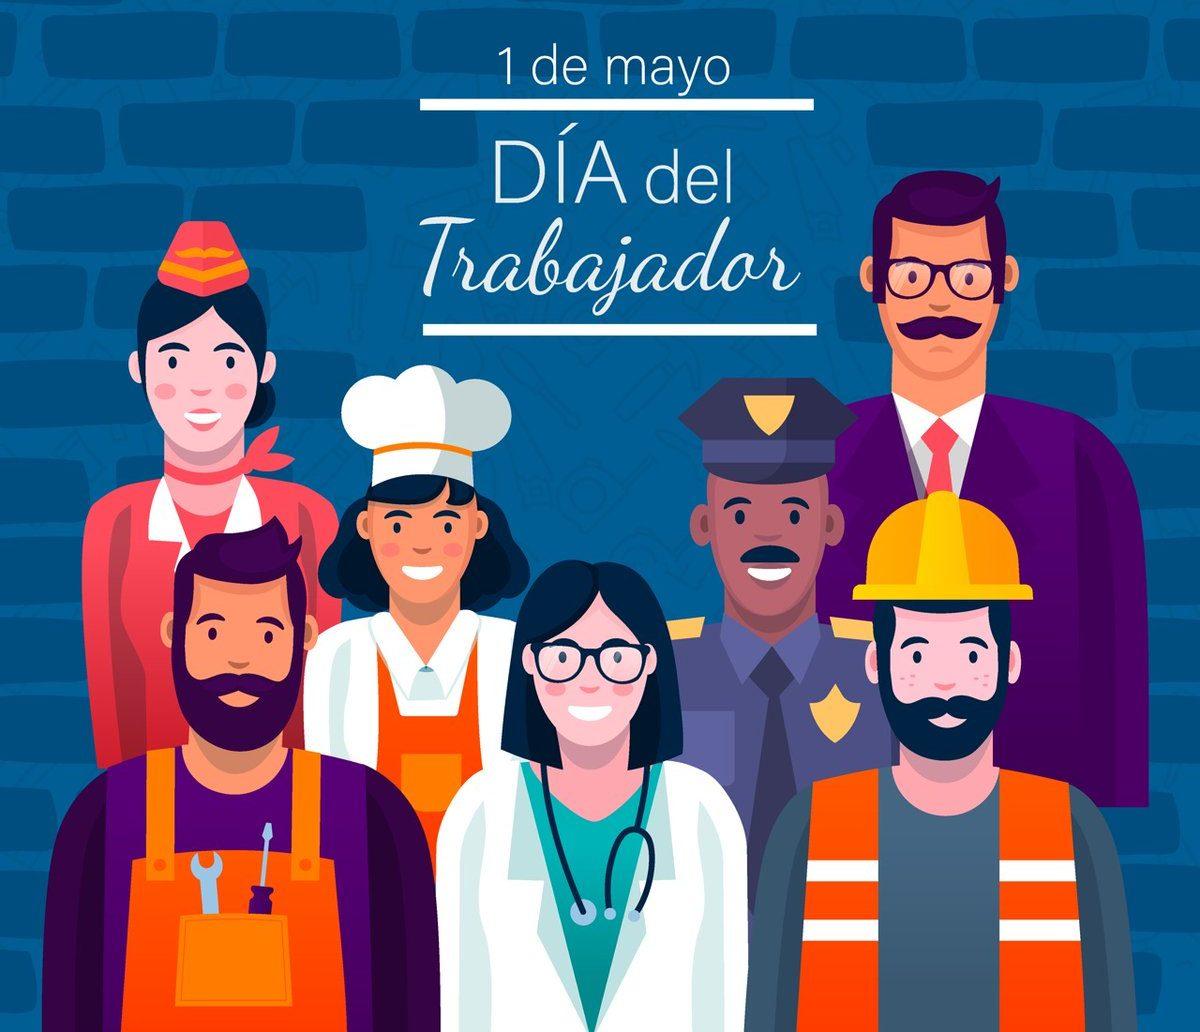 Conmemoración del Día del Trabajador en Honduras